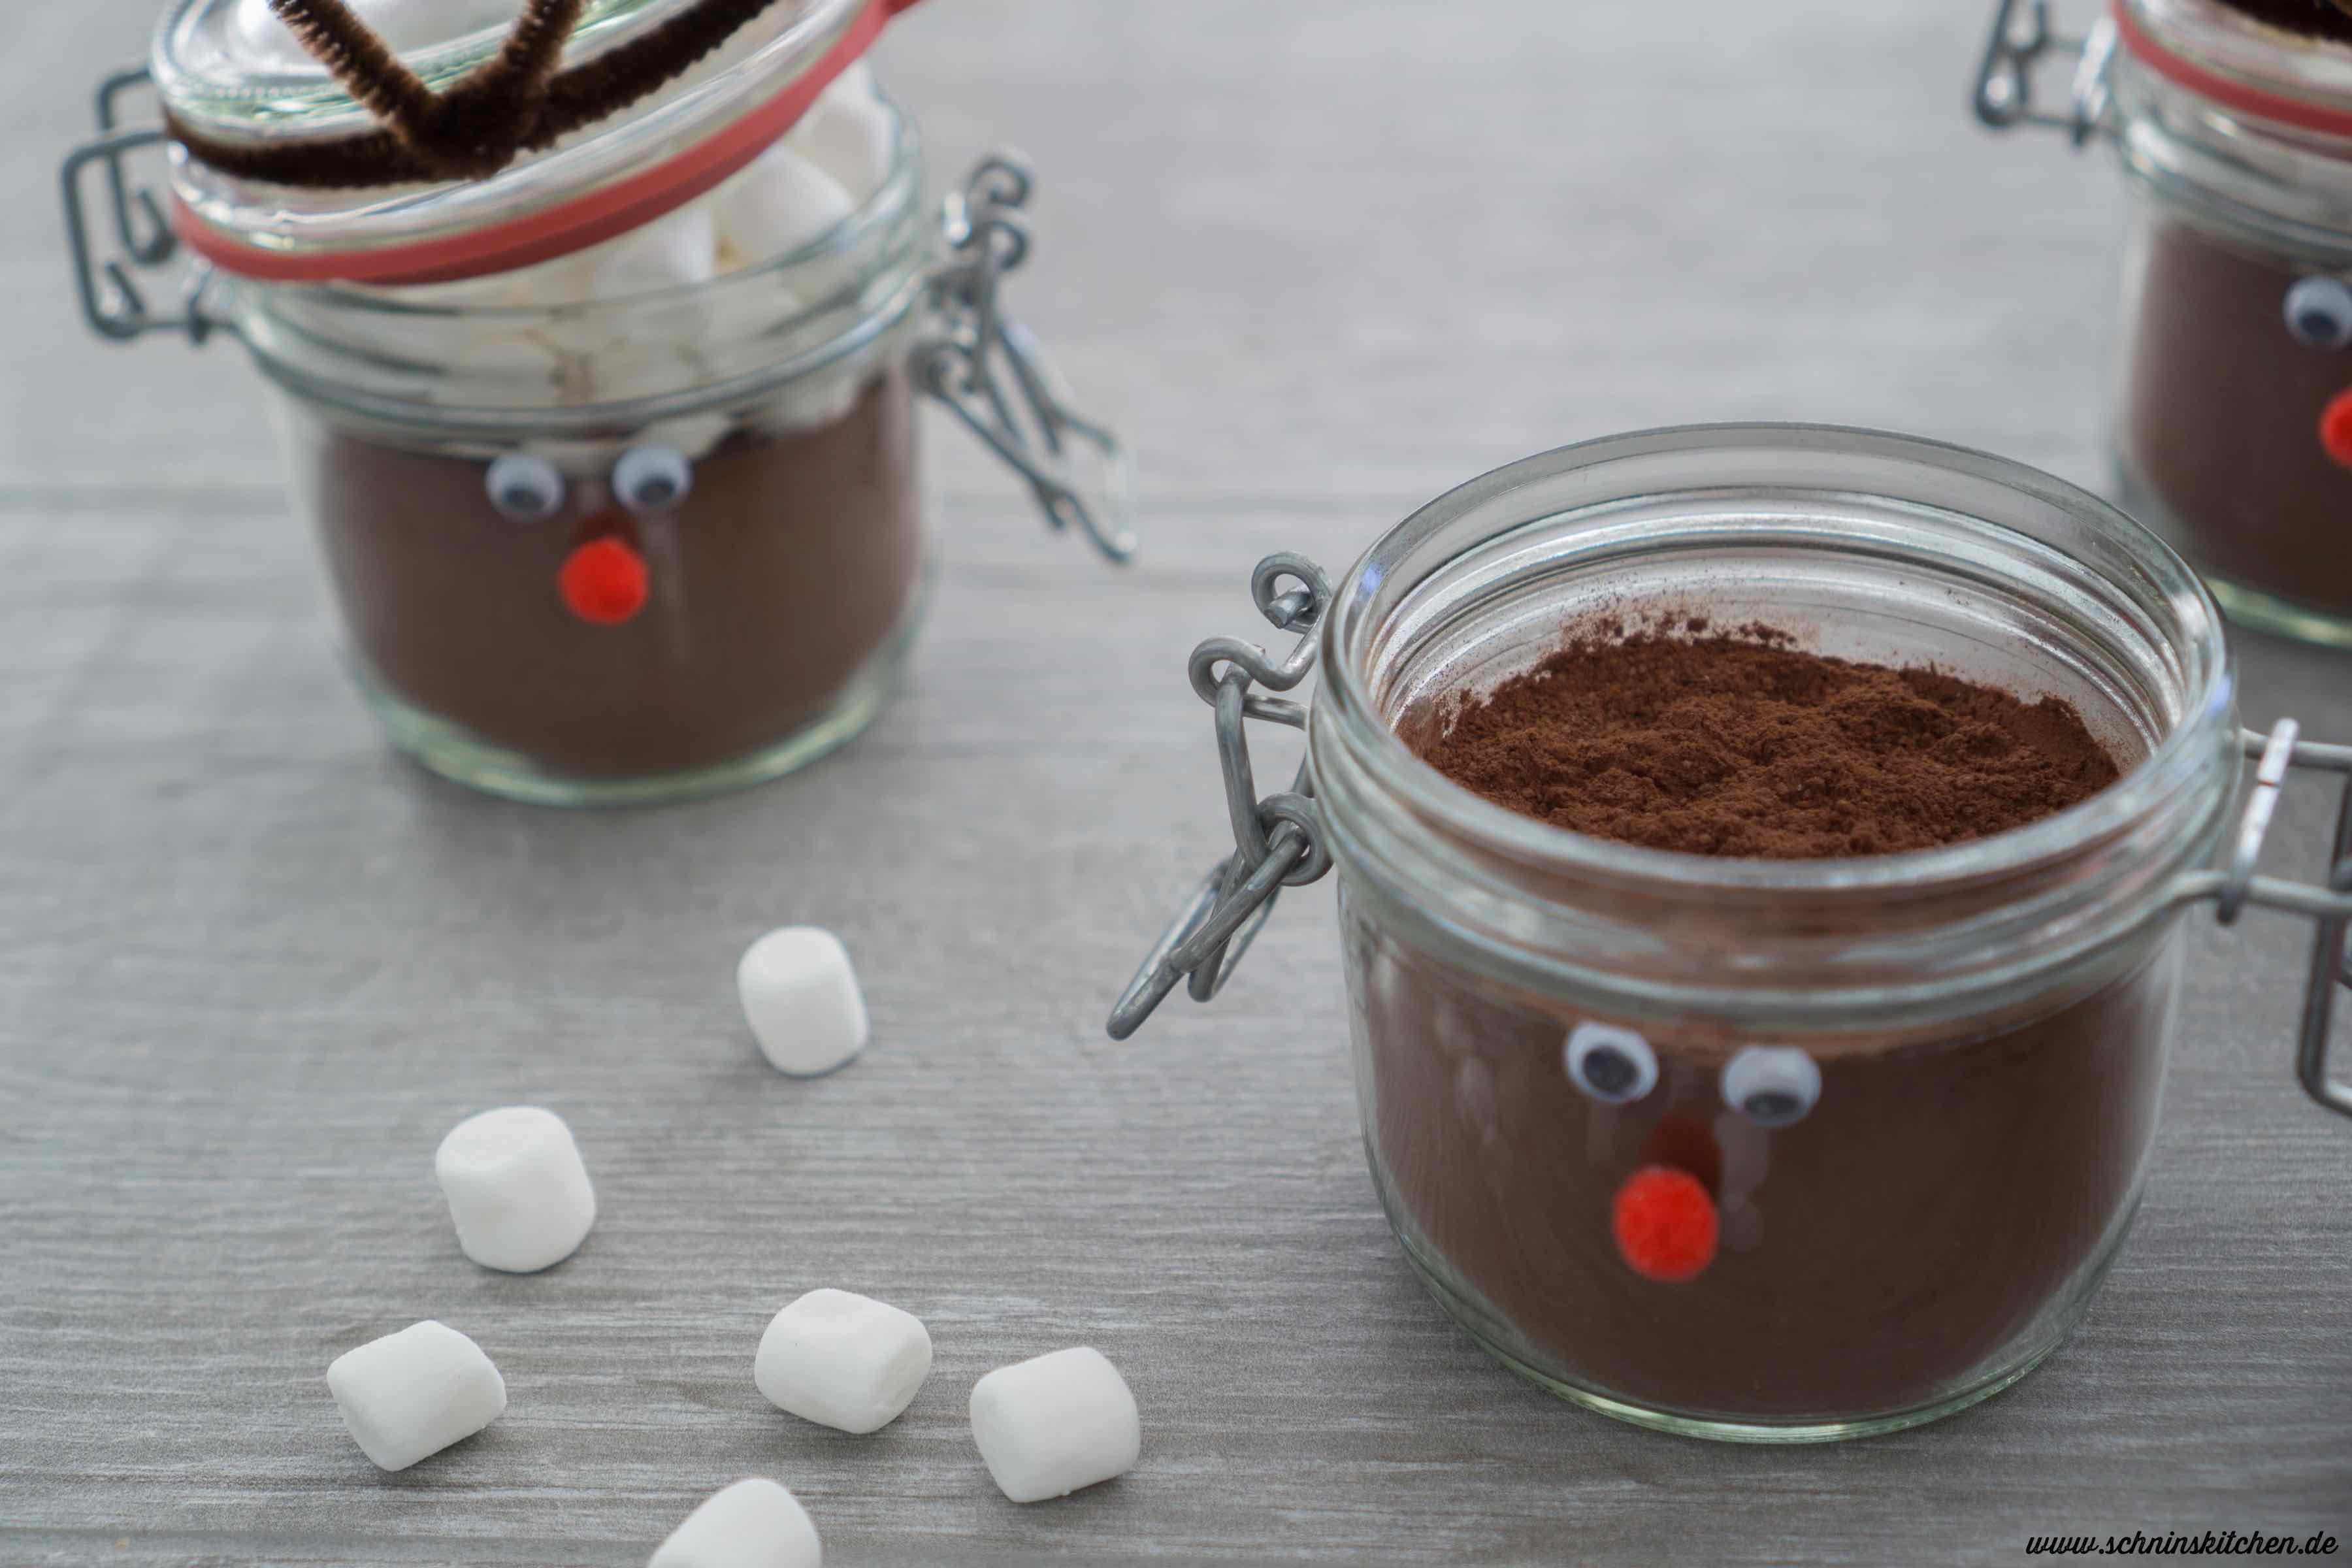 Weihnachtskakao-Mix selber machen - Rezept für heiße Schokolade als Geschenk aus der Küche. | www.schninskitchen.de